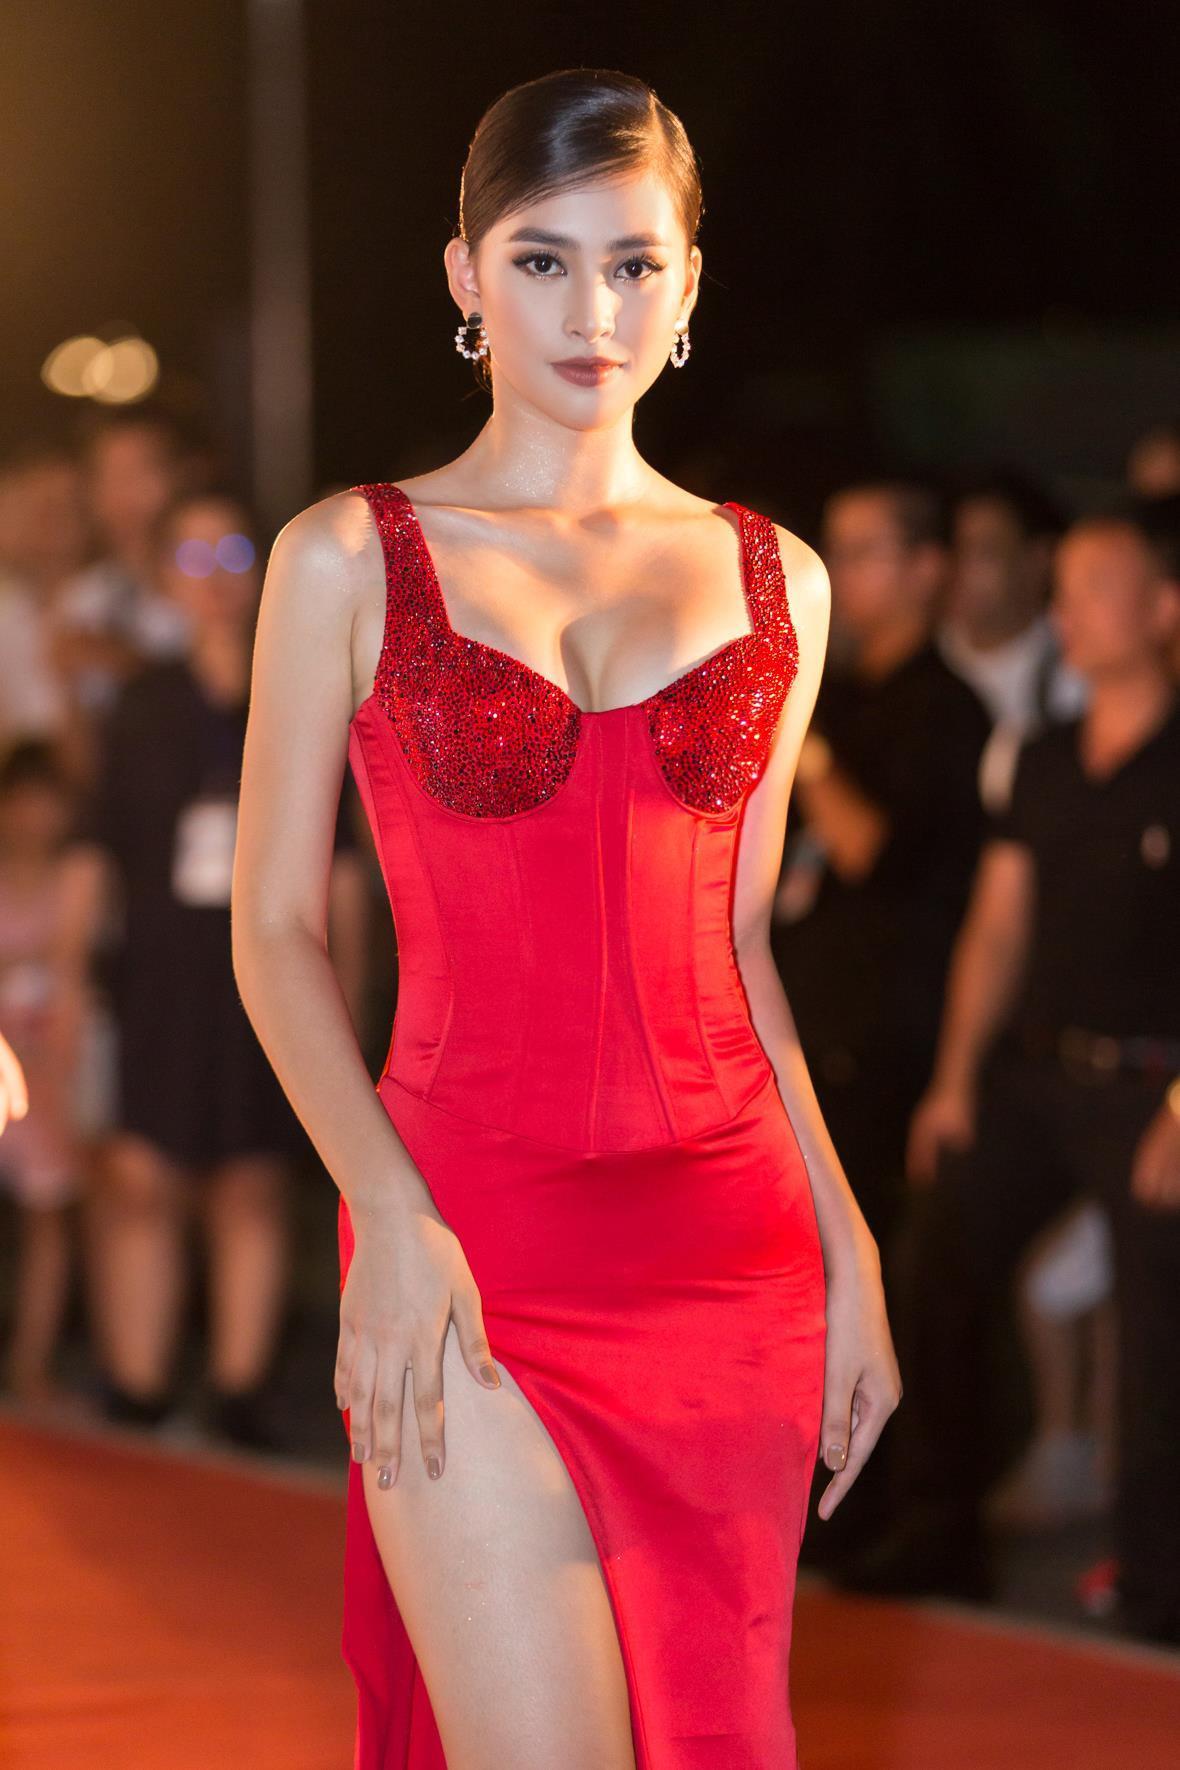 Hoa hậu Tiểu Vy ngày càng gợi cảm, táo bạo ở tuổi 19 Ảnh 1